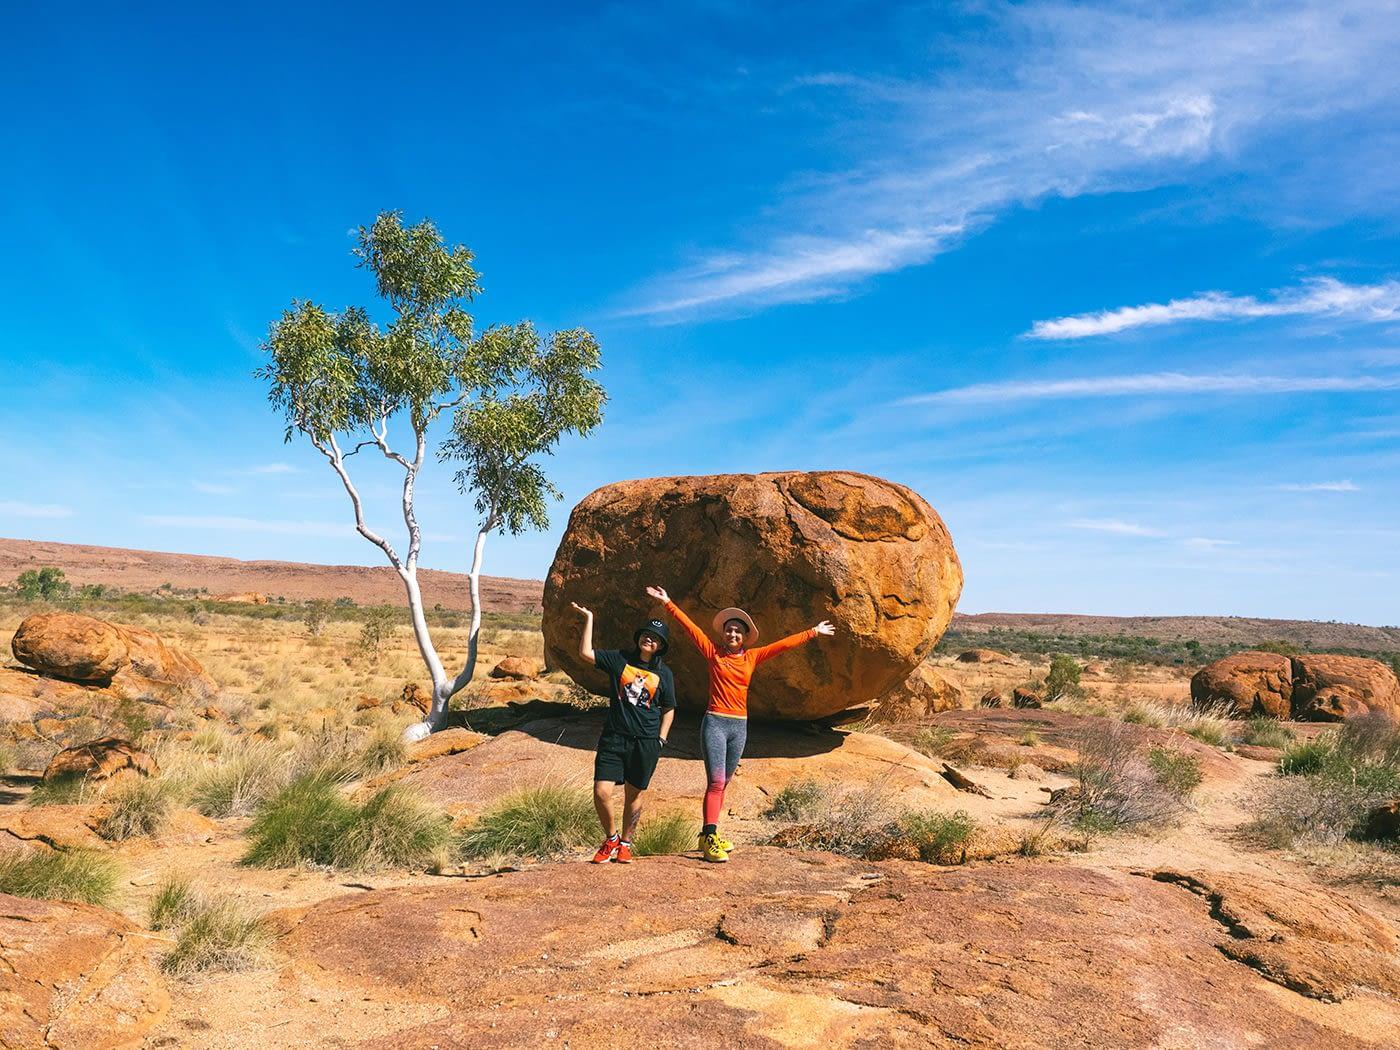 NT Australia - Karlu Karlu - Just the 2 of us exploring the rest of Devils Marbles